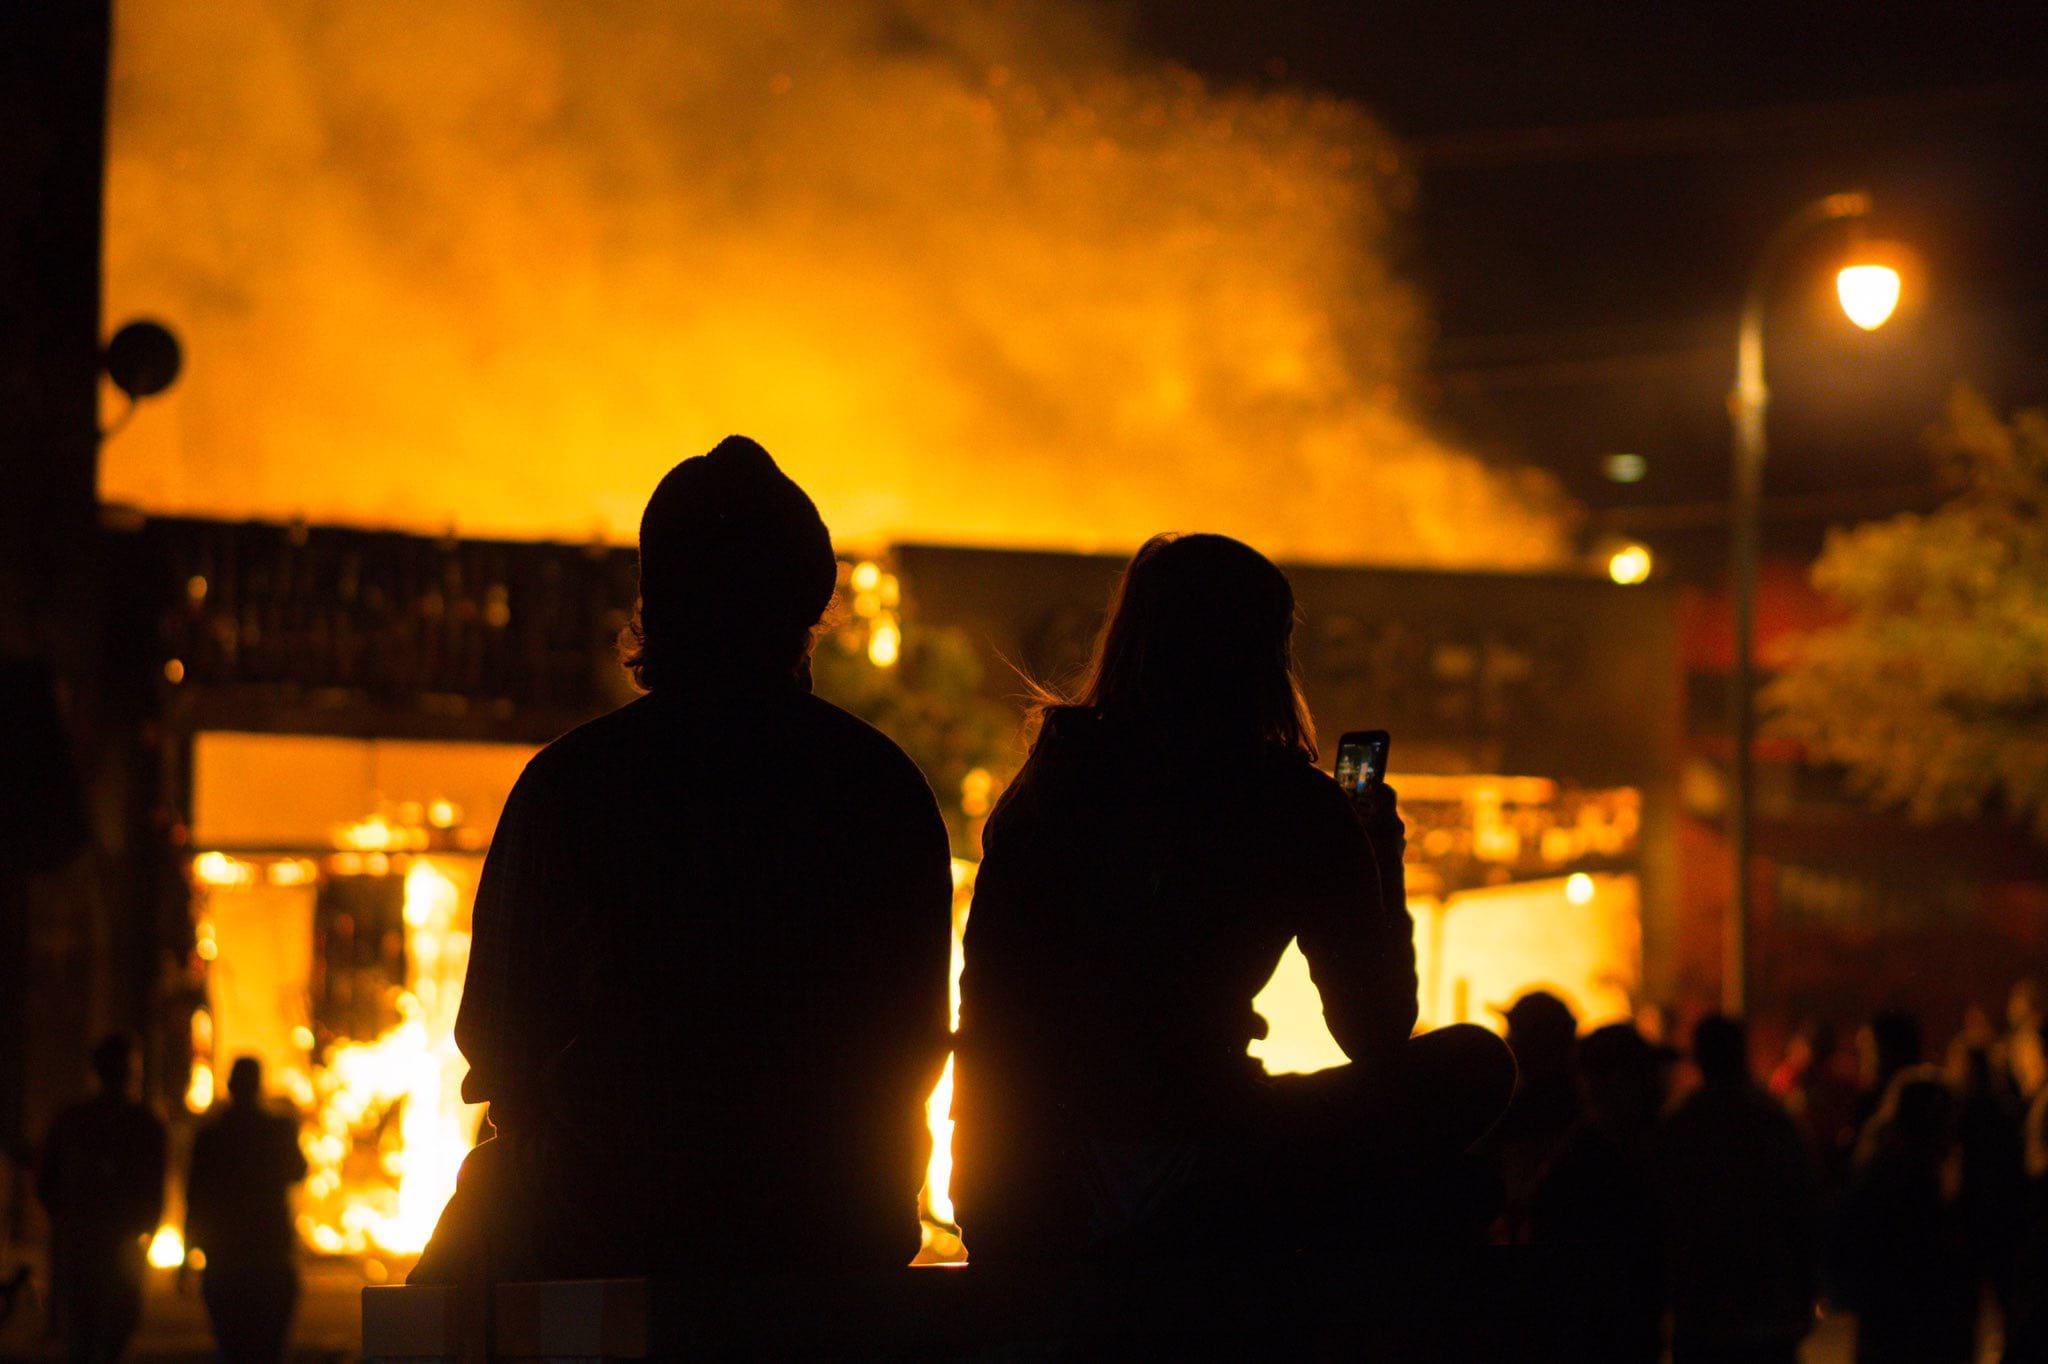 протесты люди огонь